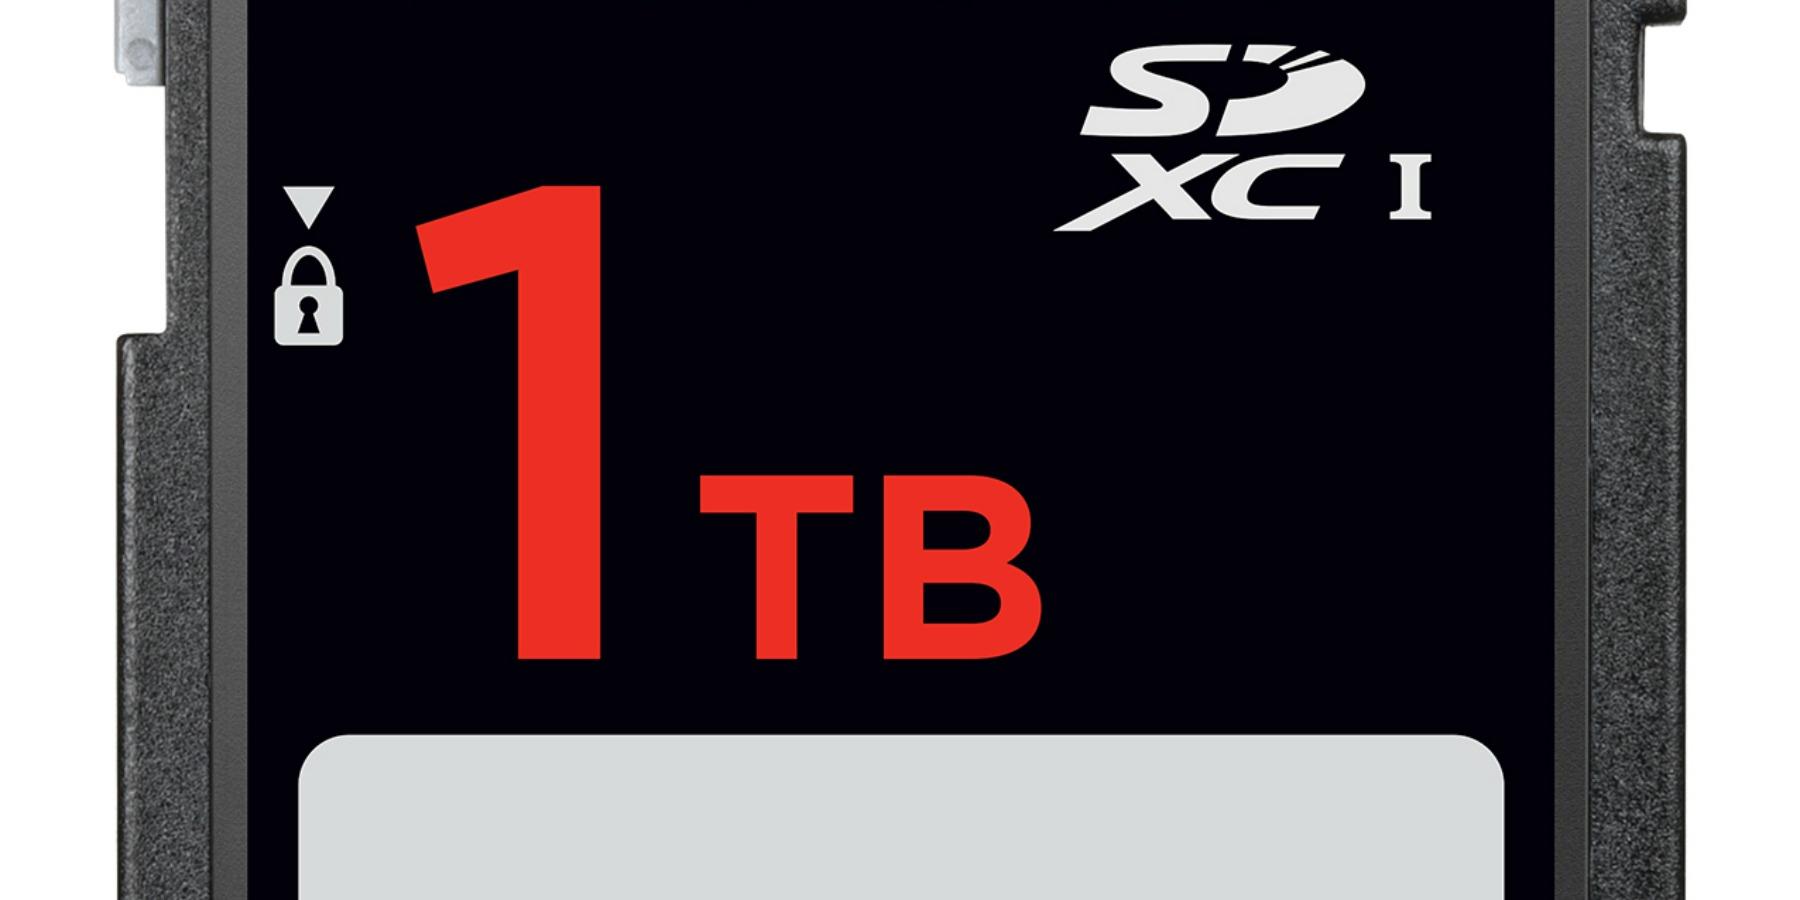 La Primera Tarjeta de 1 Terabyte SDXC del mundo es de SanDisk: Photokina 2016